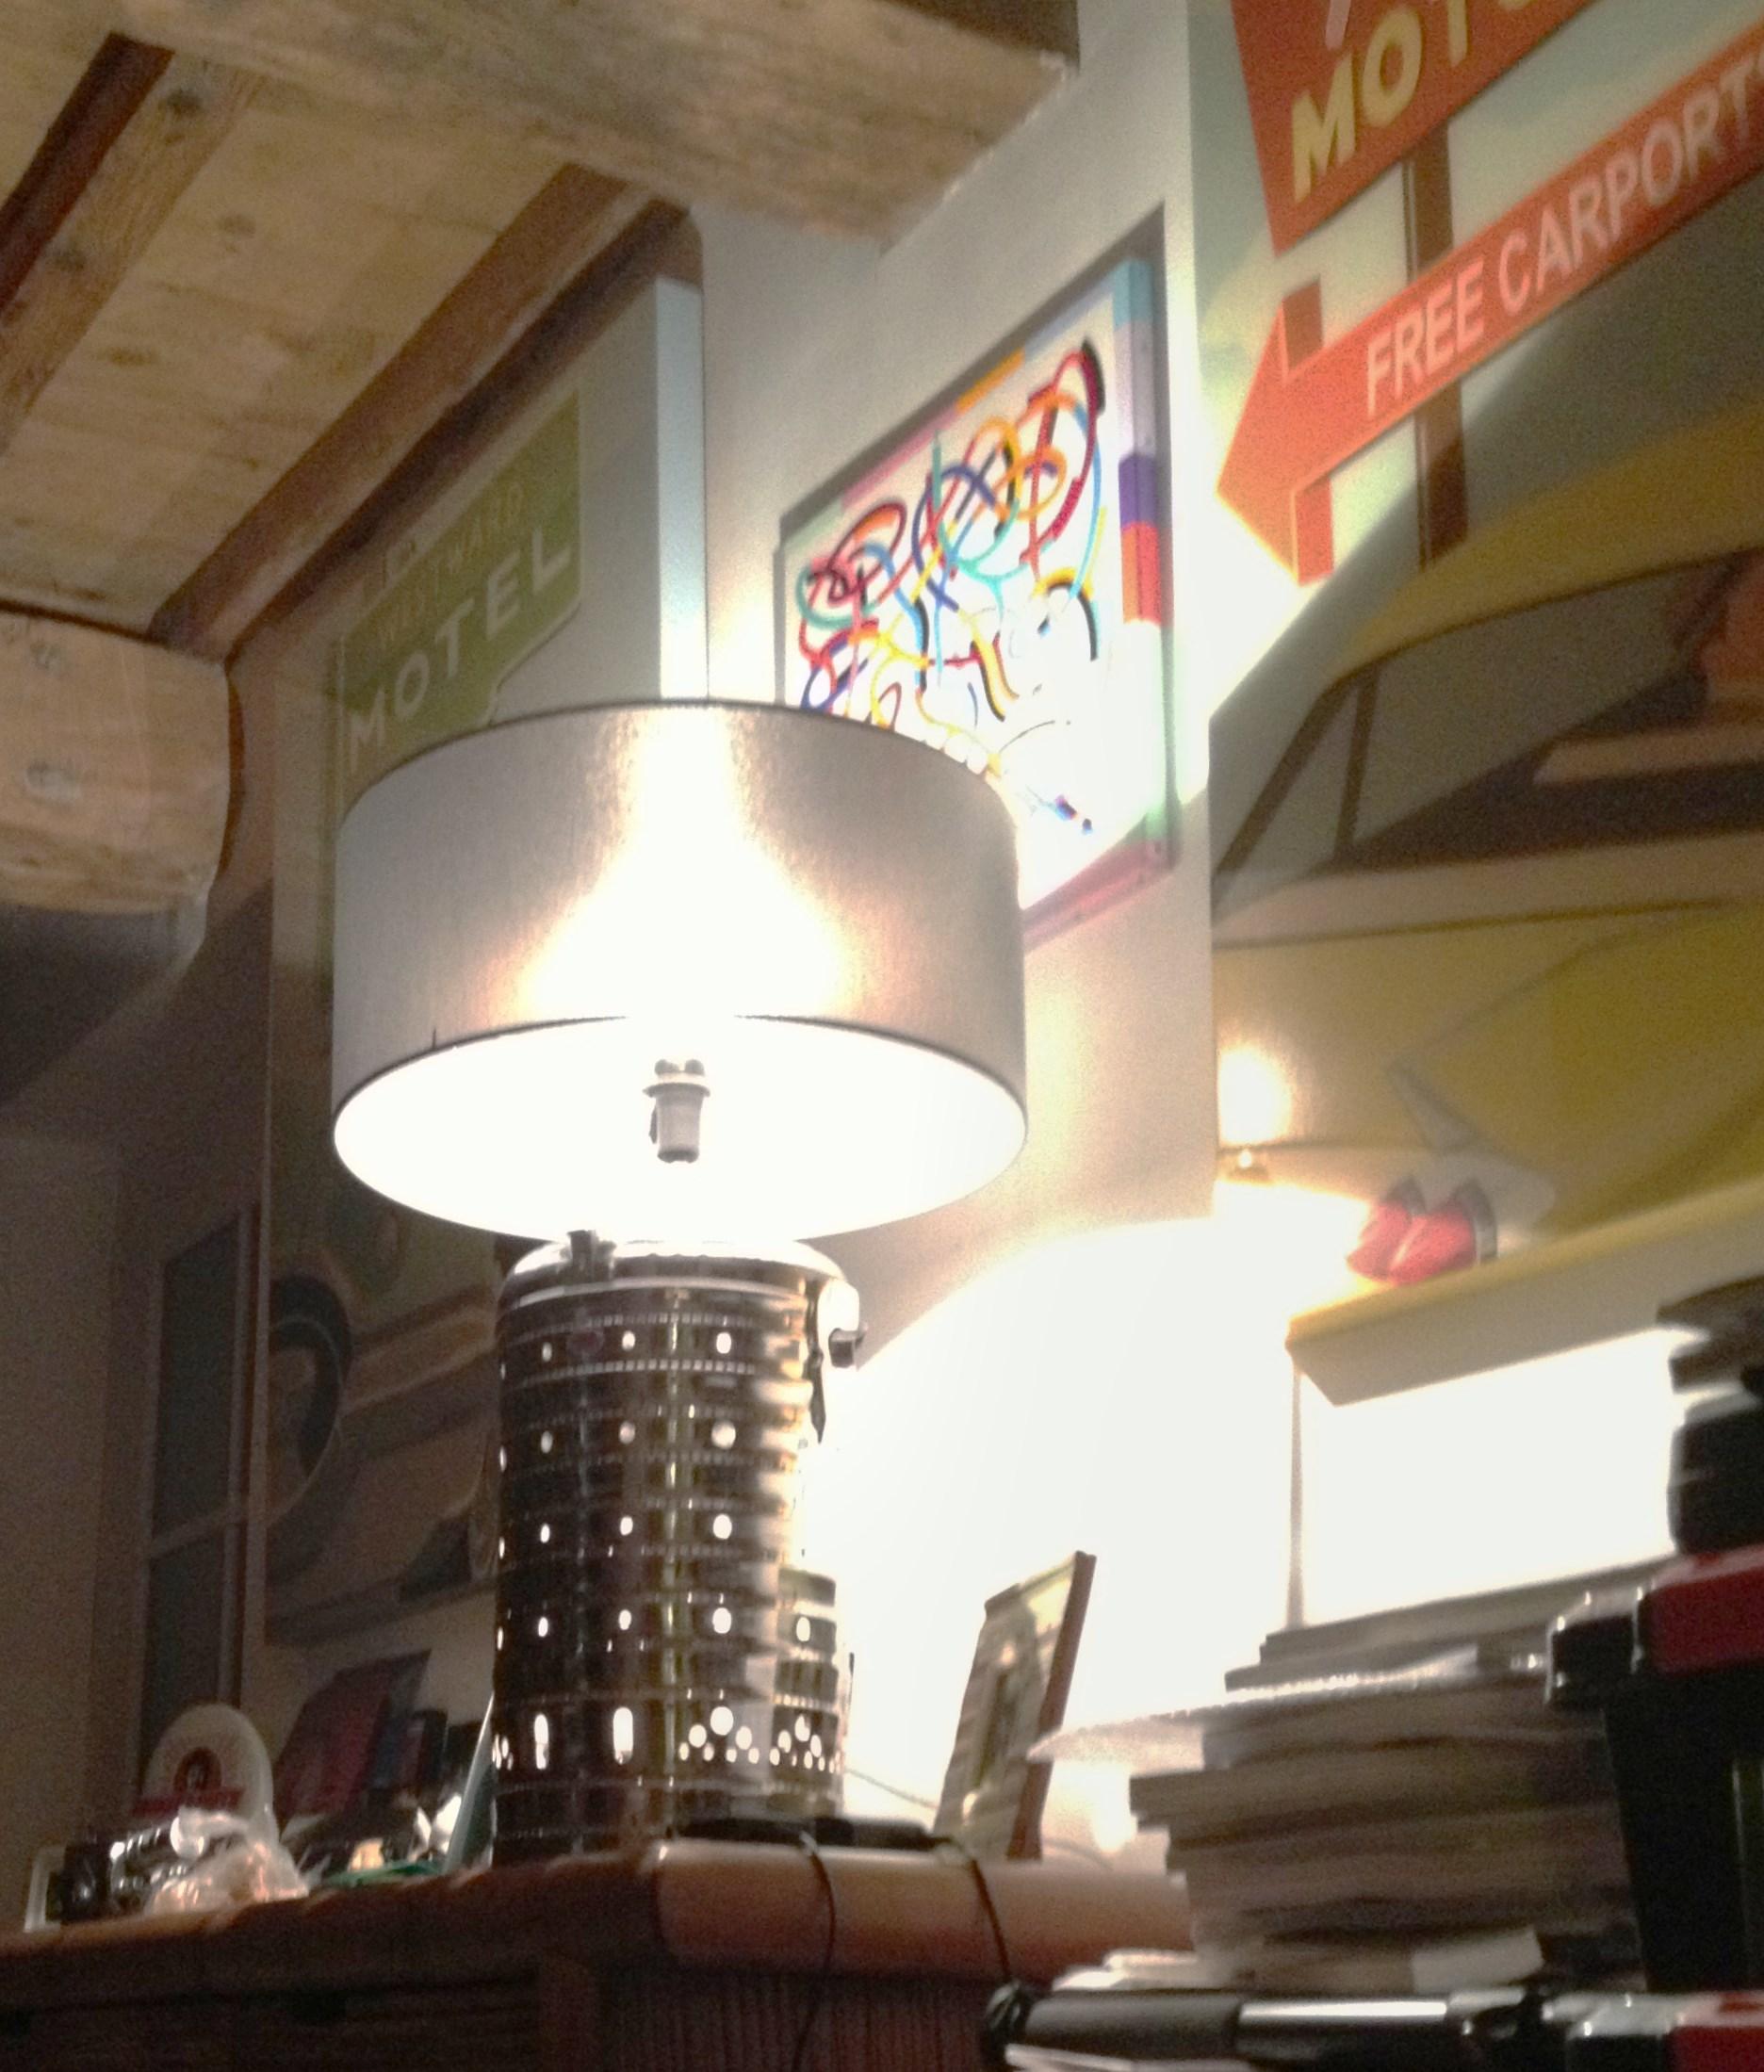 Lampe chambre de combustion de r acteur for Chambre de combustion annulaire